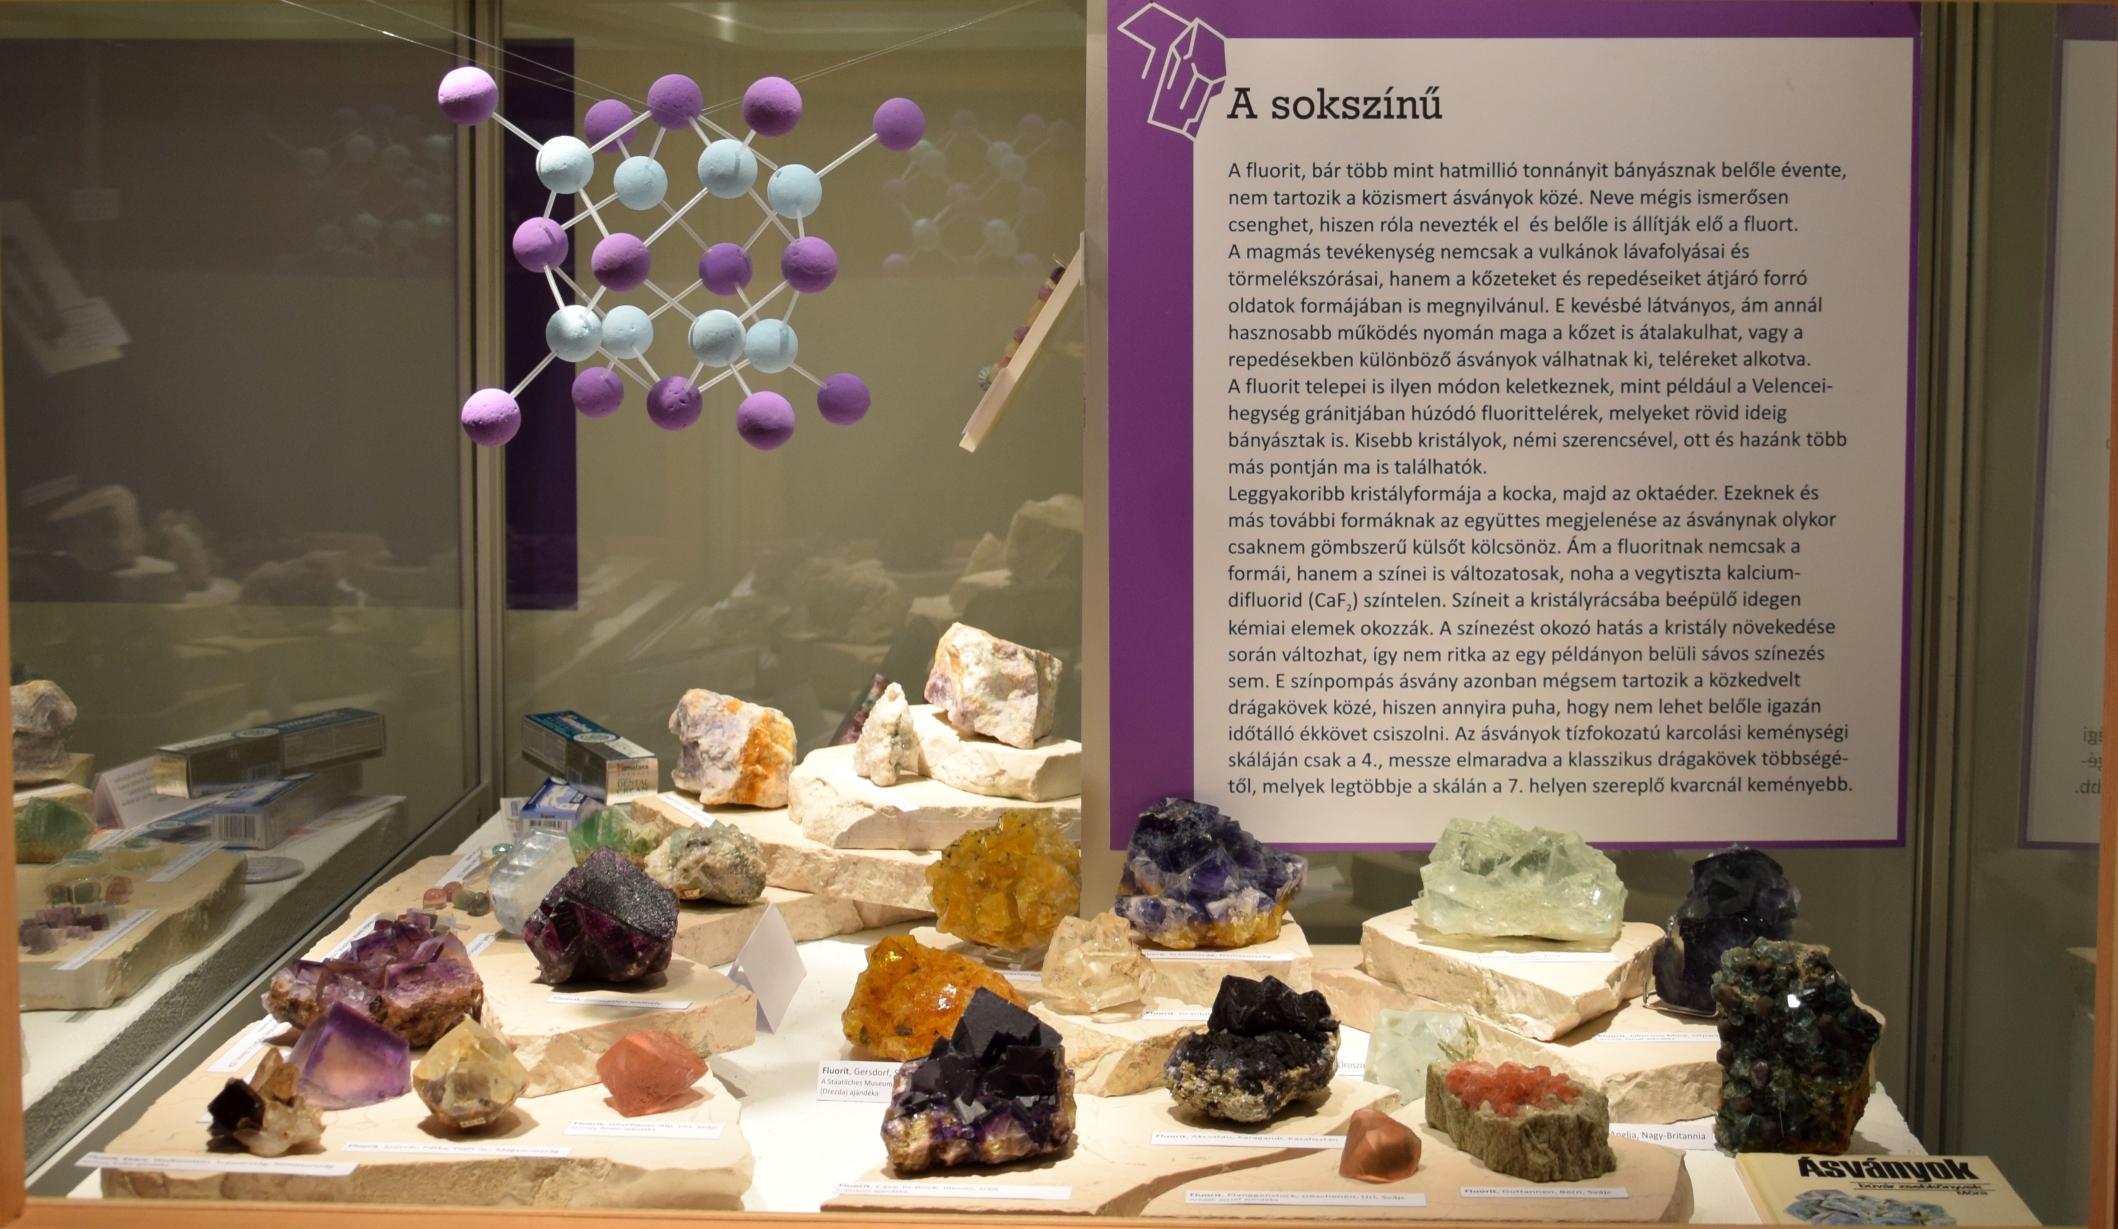 A fluorit – színek, formák, történetek